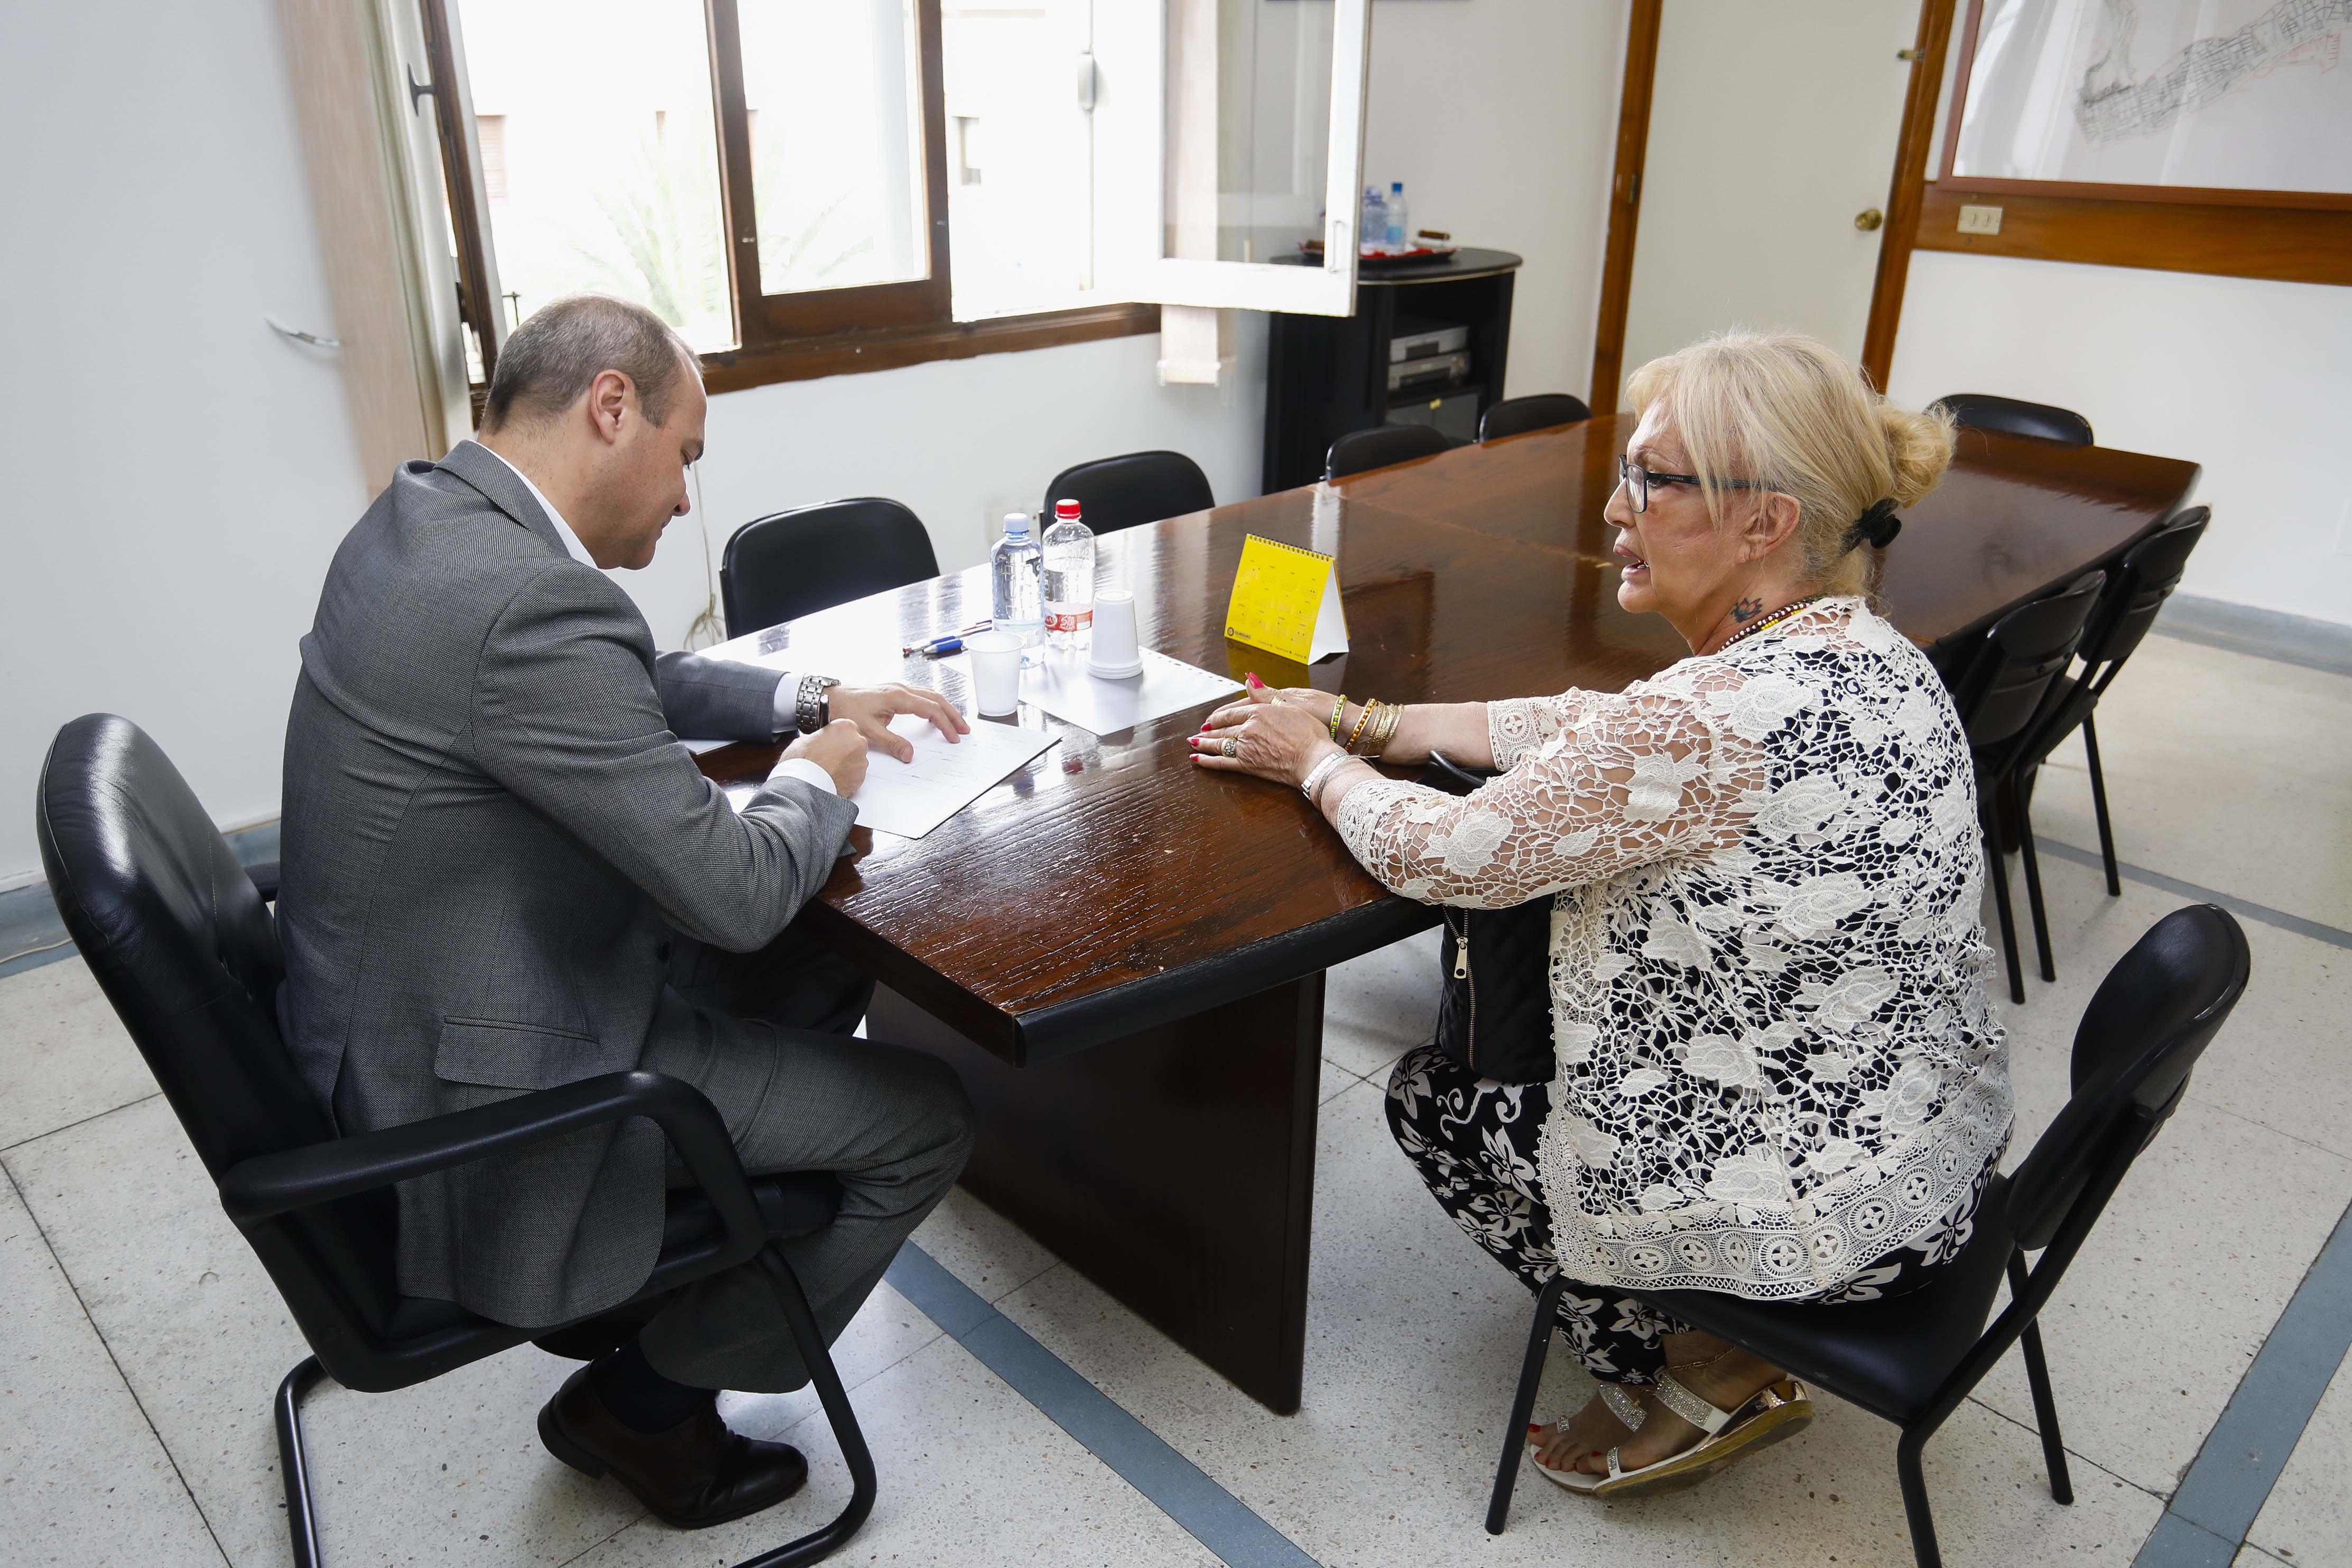 El alcalde de Las Palmas de Gran Canaria, Augusto Hidalgo reunido con vecinos